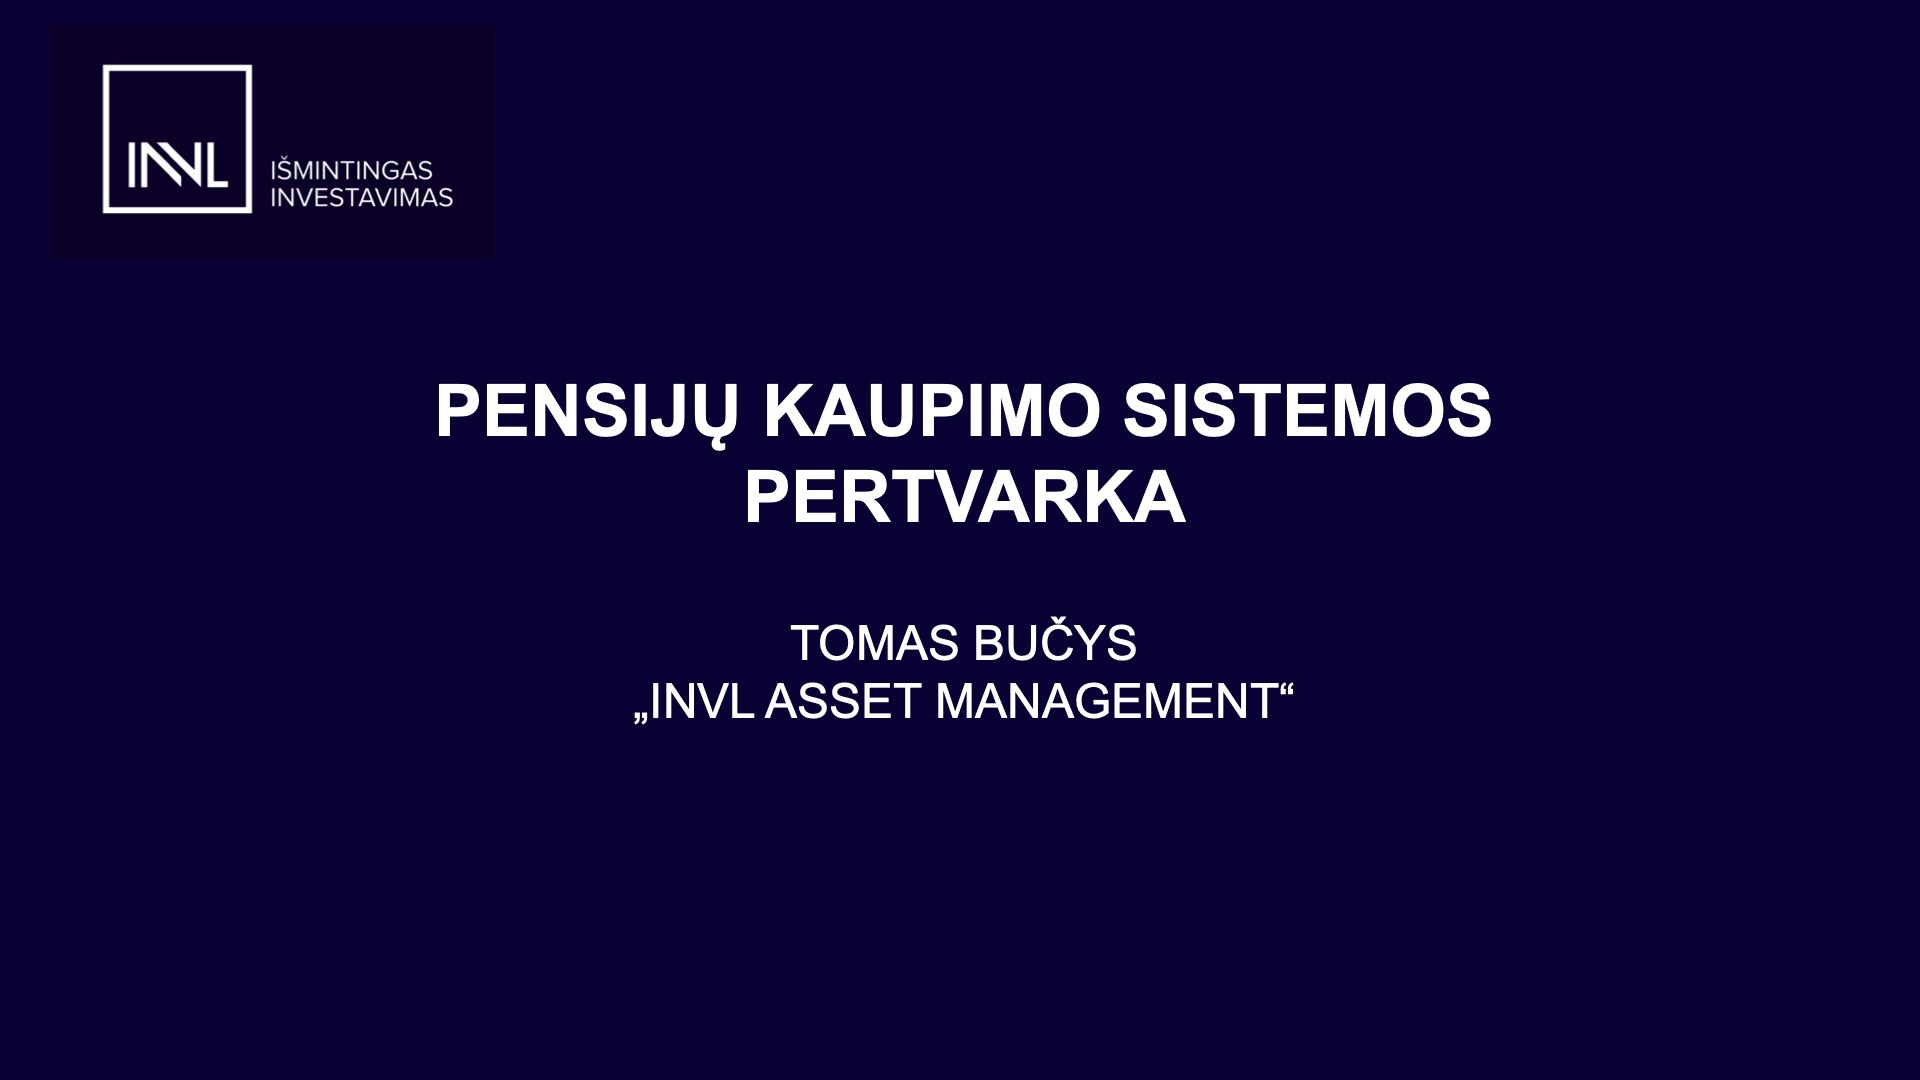 Pensijų kaupimo sistemos pertvarka